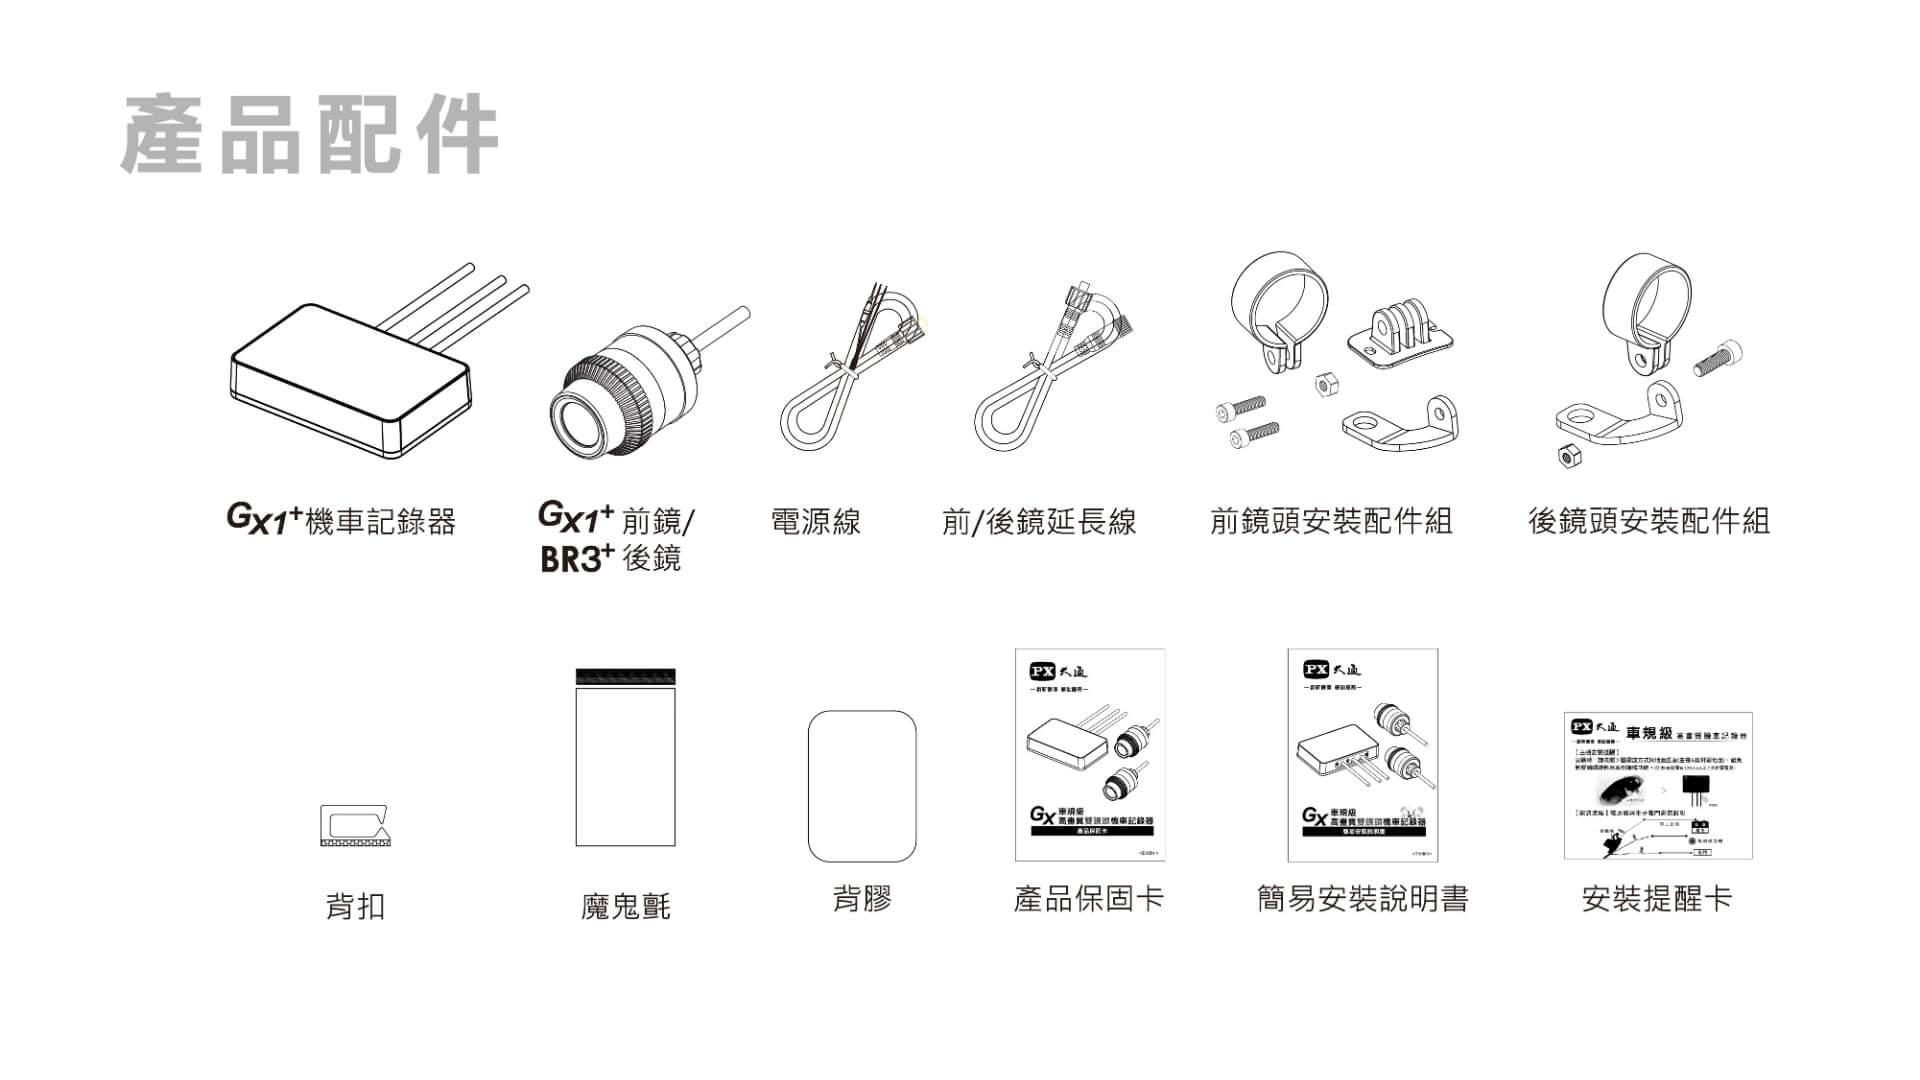 proimages/product/Bike_Cam/PX-GX/PX-GX_17_resized.jpg